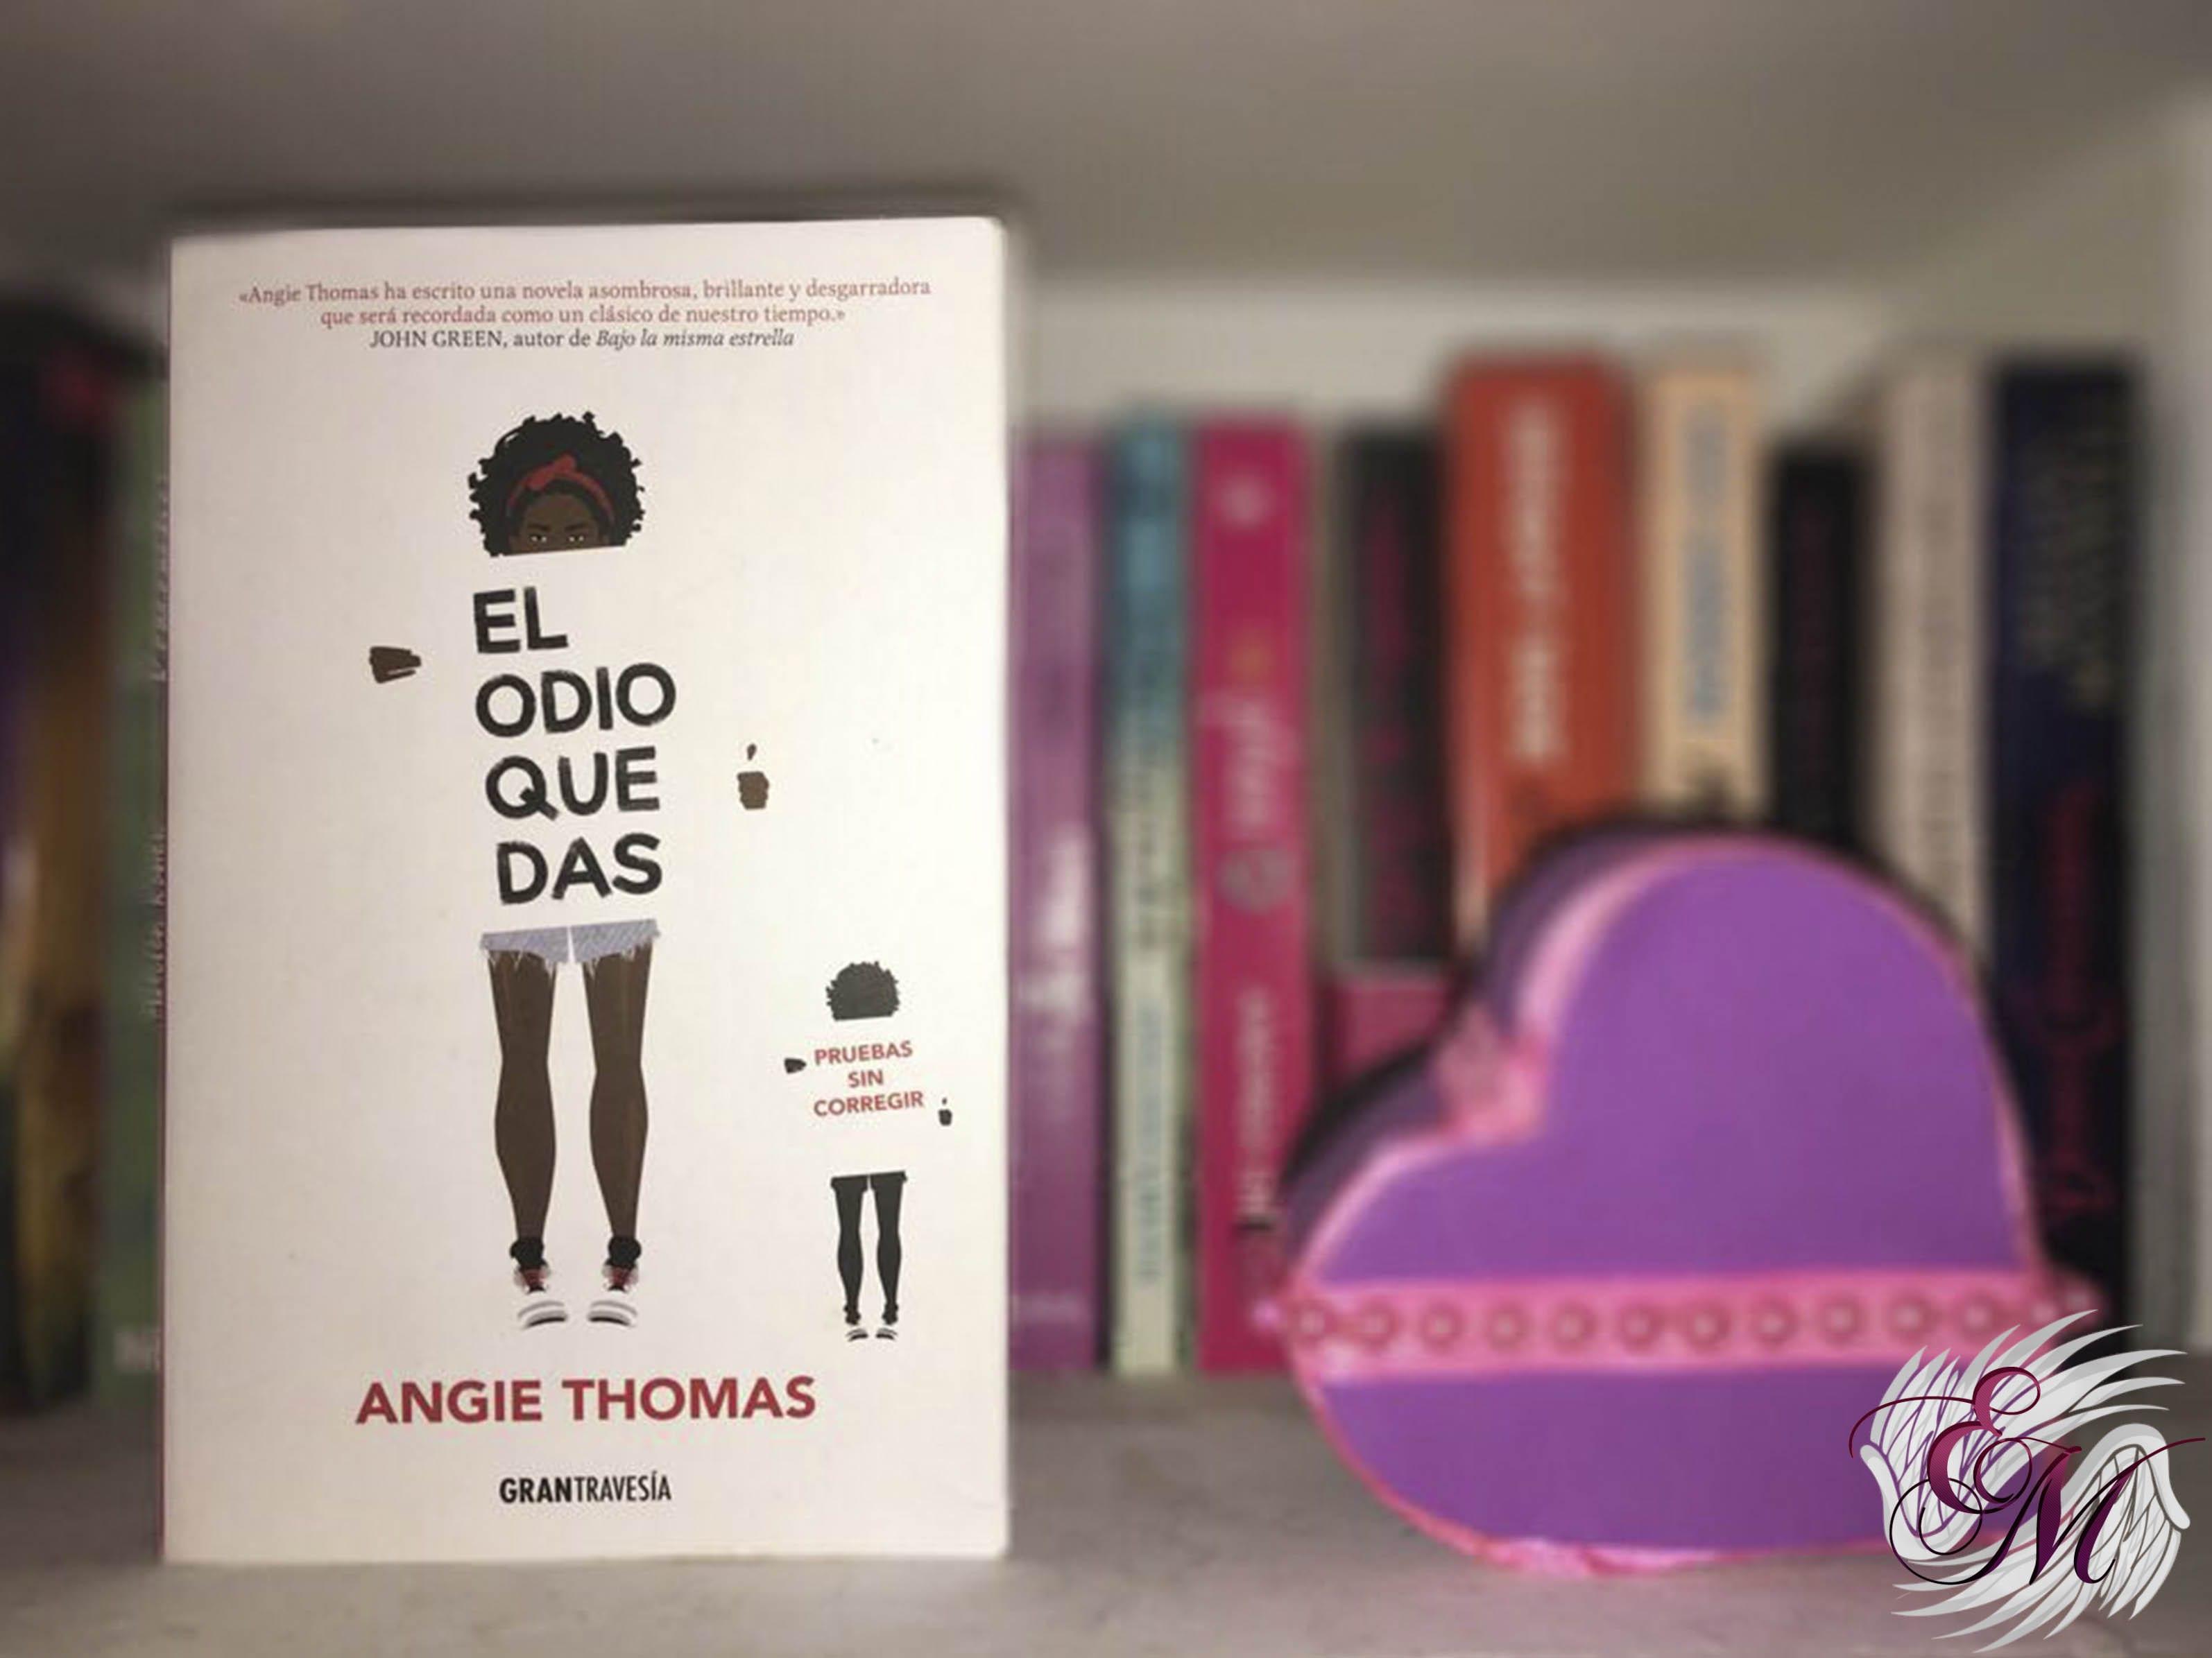 El odio que das, de Angie Thomas - Reseña